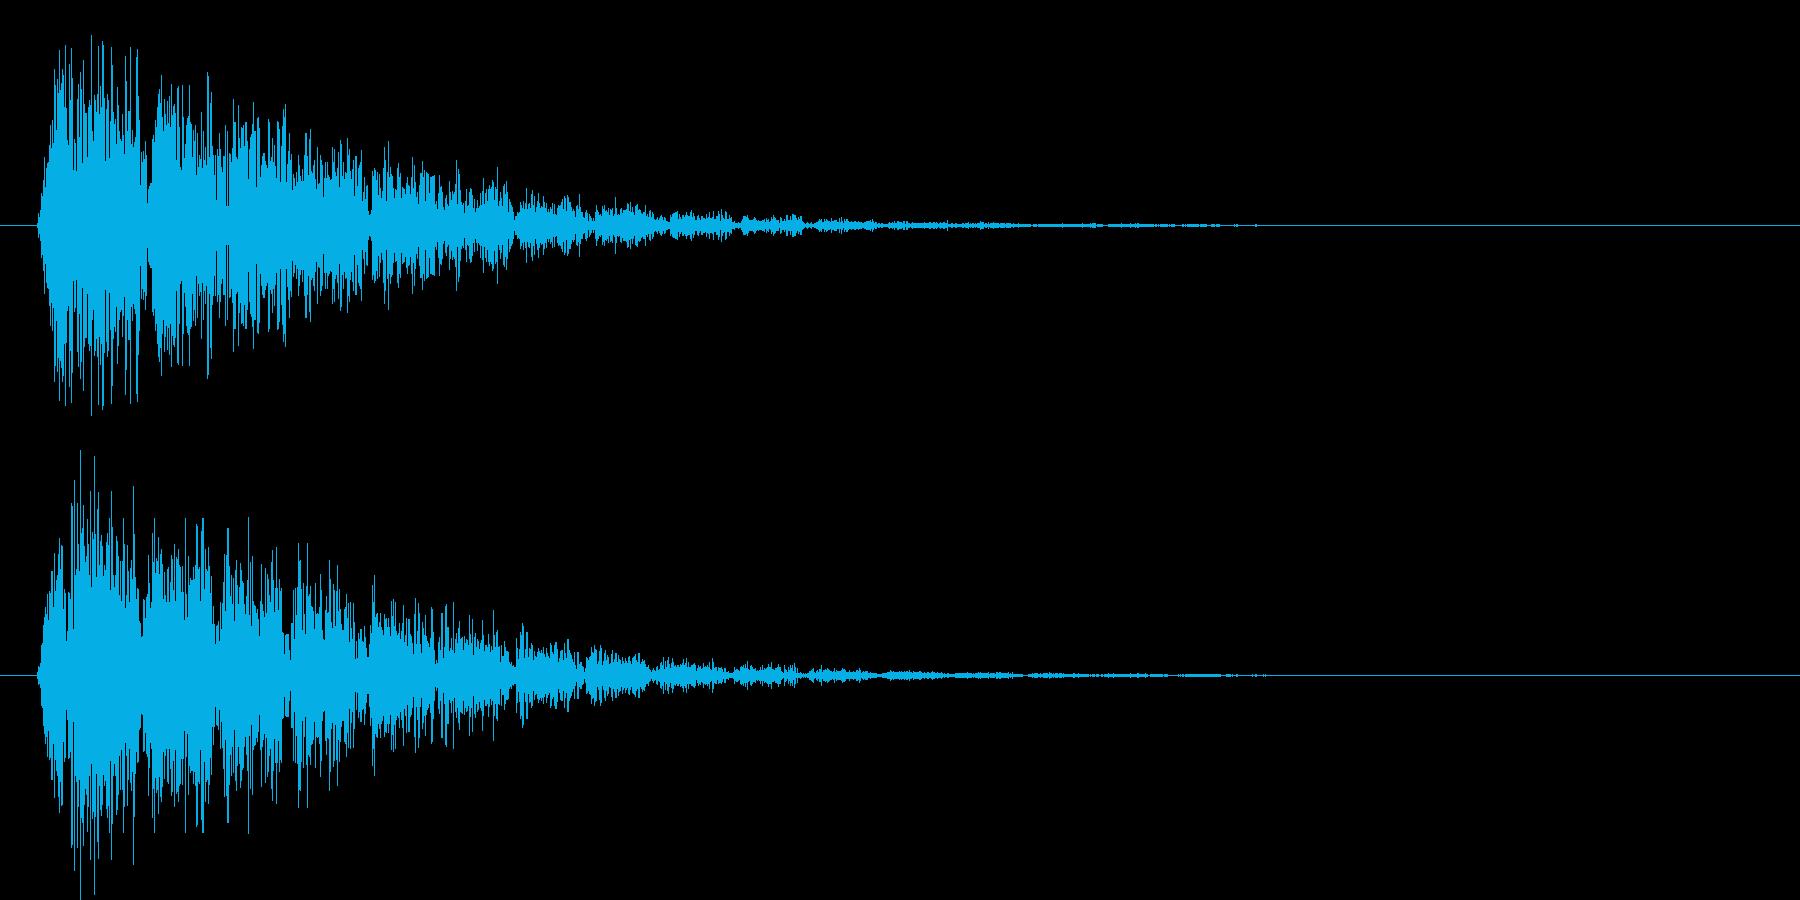 ドュパッーパーパーパー(衝撃波)の再生済みの波形